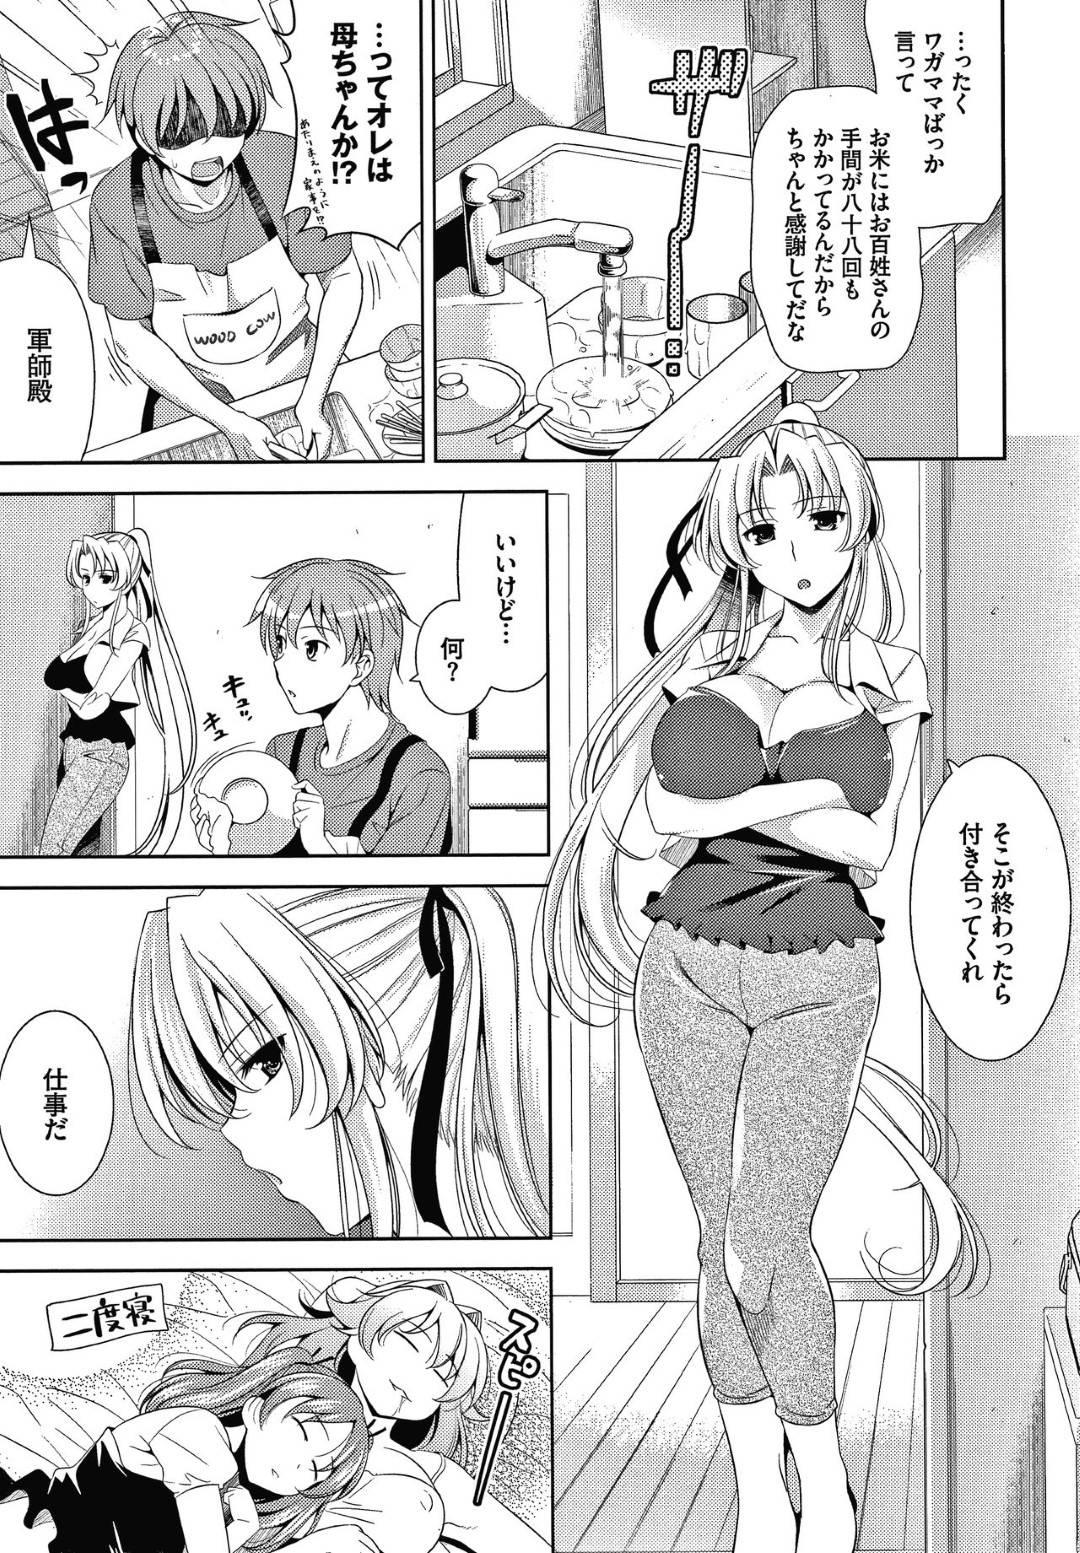 【エロ漫画】ひょんな事から劉備と名乗る巨乳娘とその仲間たちと同棲する事になった主人公。ある日クールで無口な関羽と出かける事になった彼だが、目的地はラブホテルのようで、強引に彼女に連れられるがままにセックスすることに。